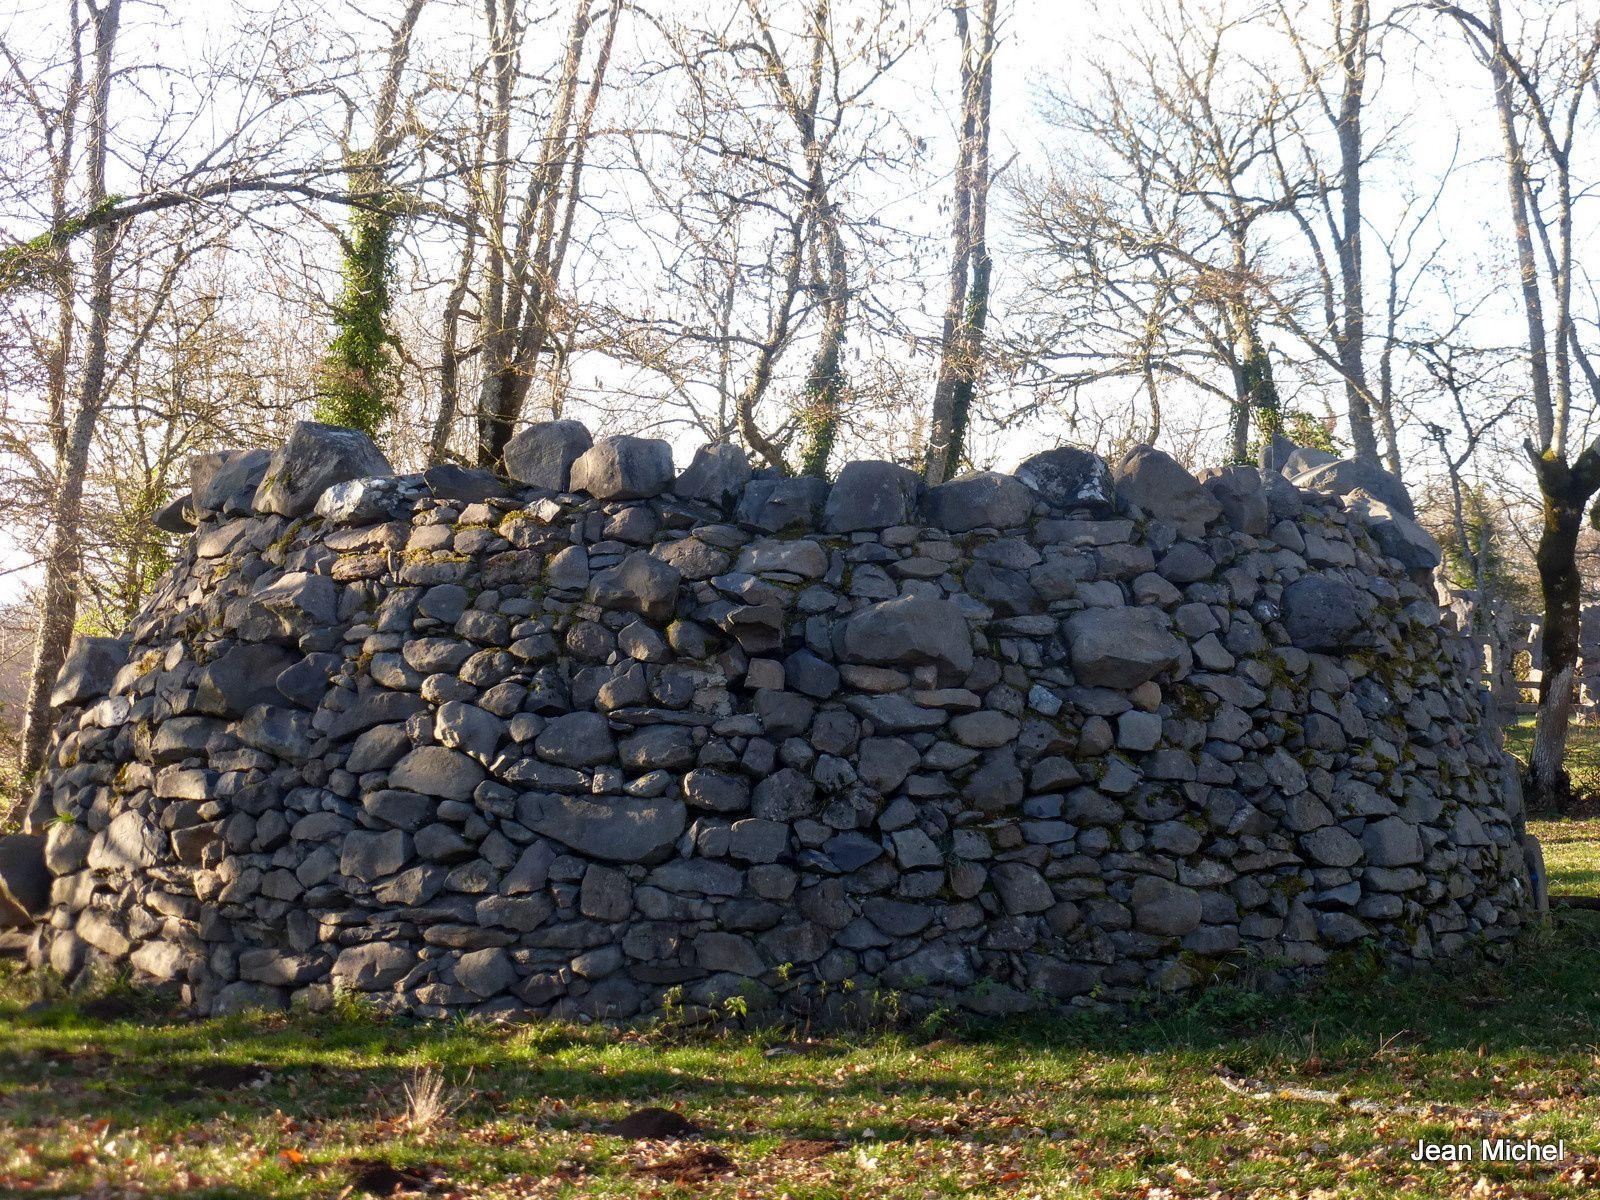 Petit coin idéal pour faire la pause goûter, juste devant cette habitation de pierre comme avant.